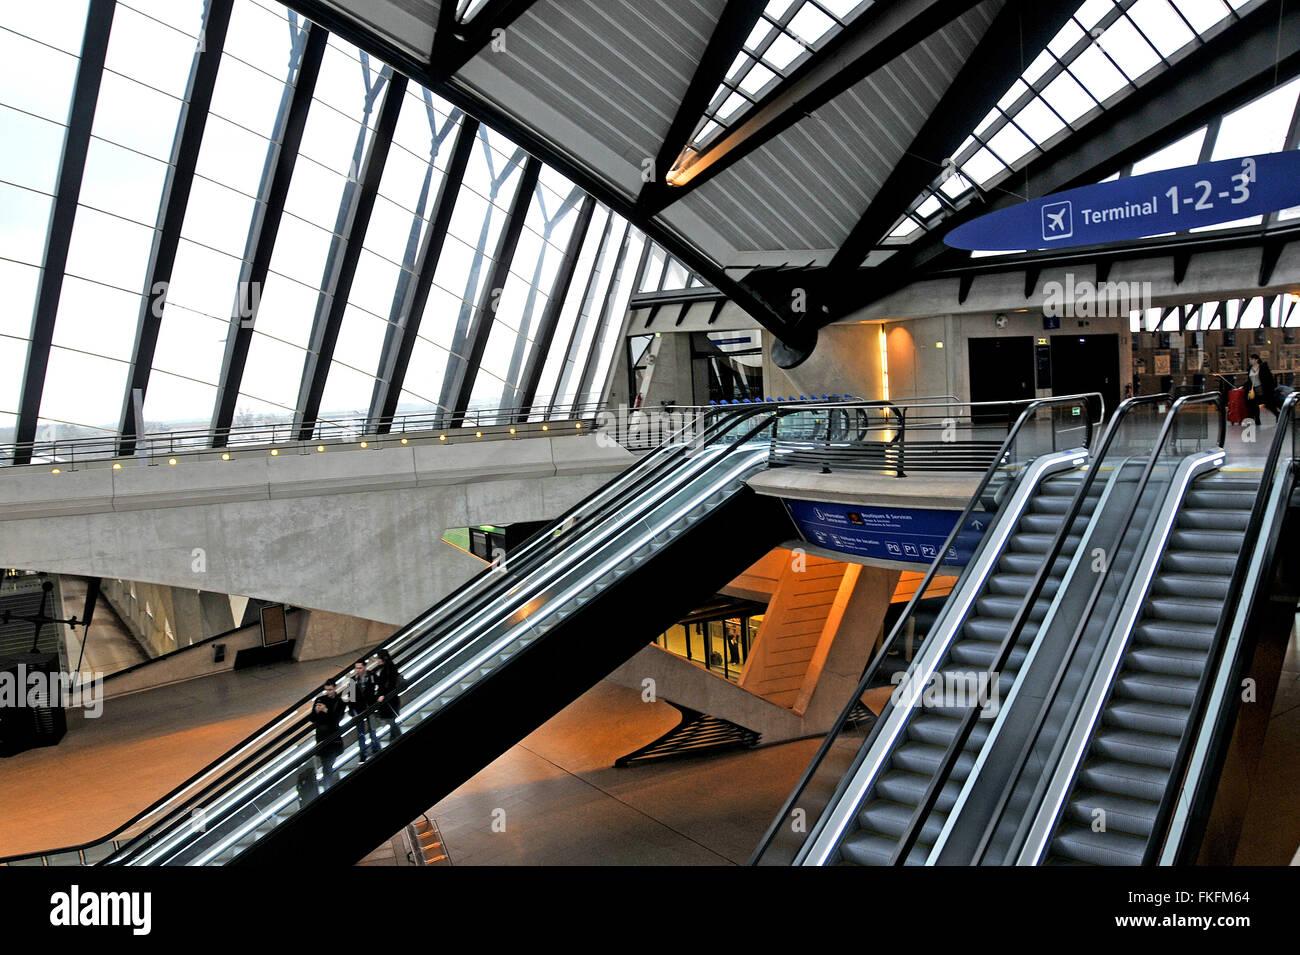 Hotel Aeroport Saint Exupery Lyon